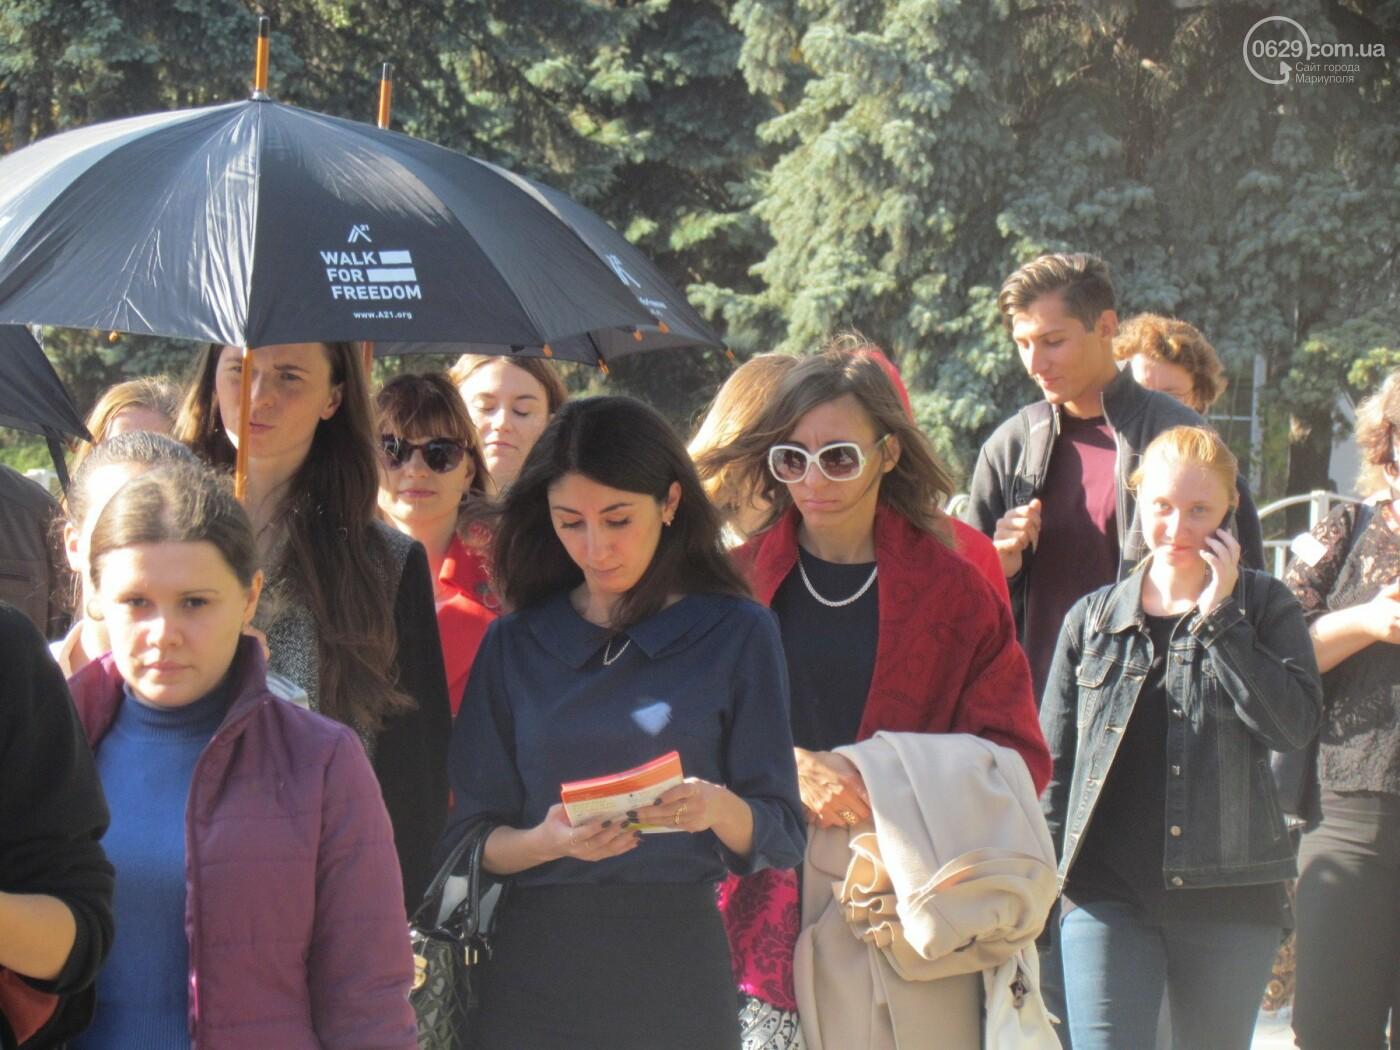 В Мариуполе устроили марш против торговли людьми - ФОТОРЕПОРТАЖ, фото-4